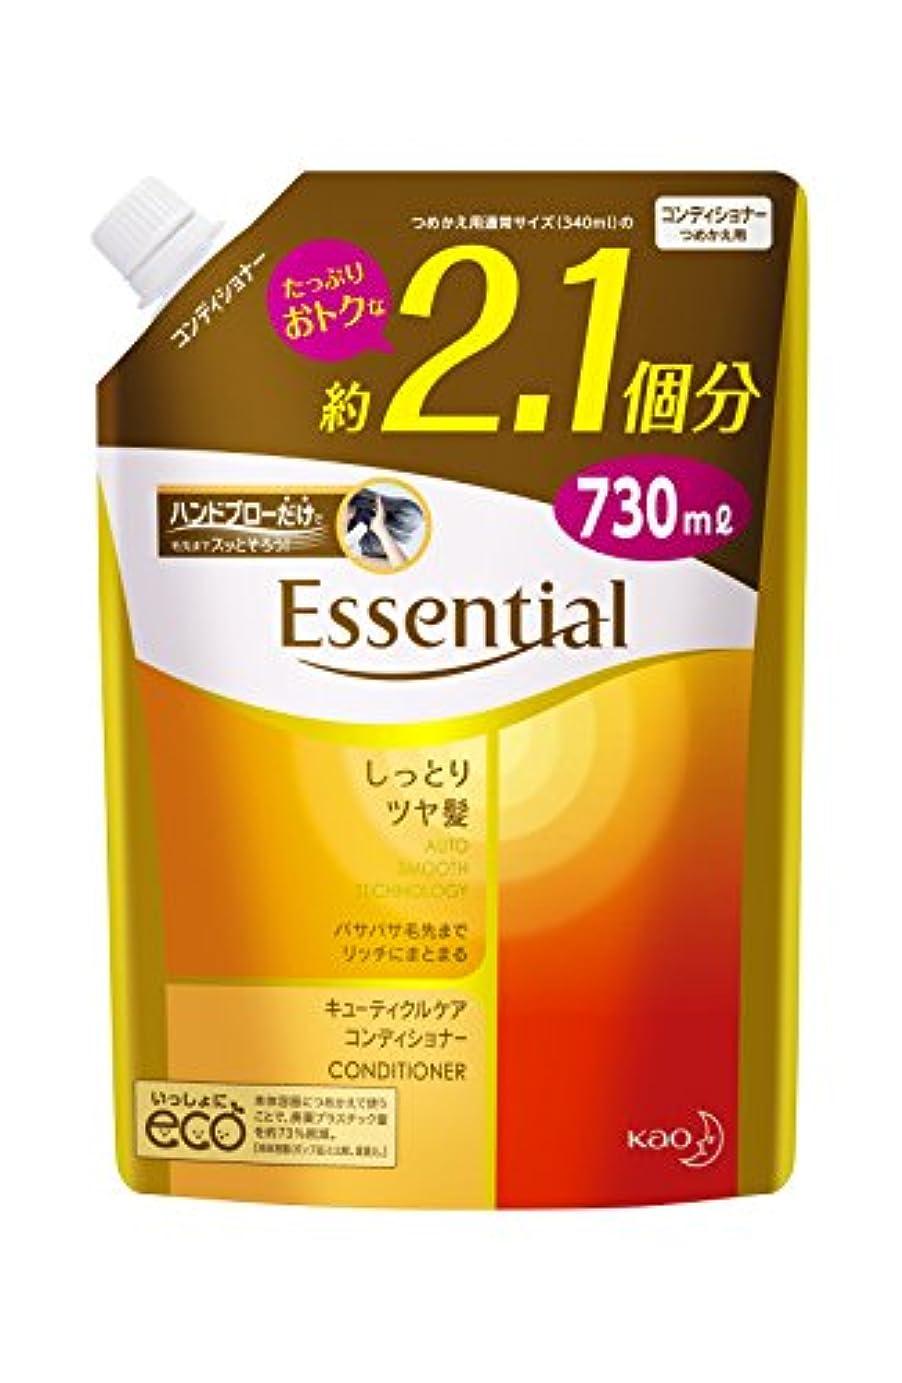 労苦教授報告書【大容量】エッセンシャル しっとりツヤ髪コンディショナー つめかえ用 730ml(2.1個分)